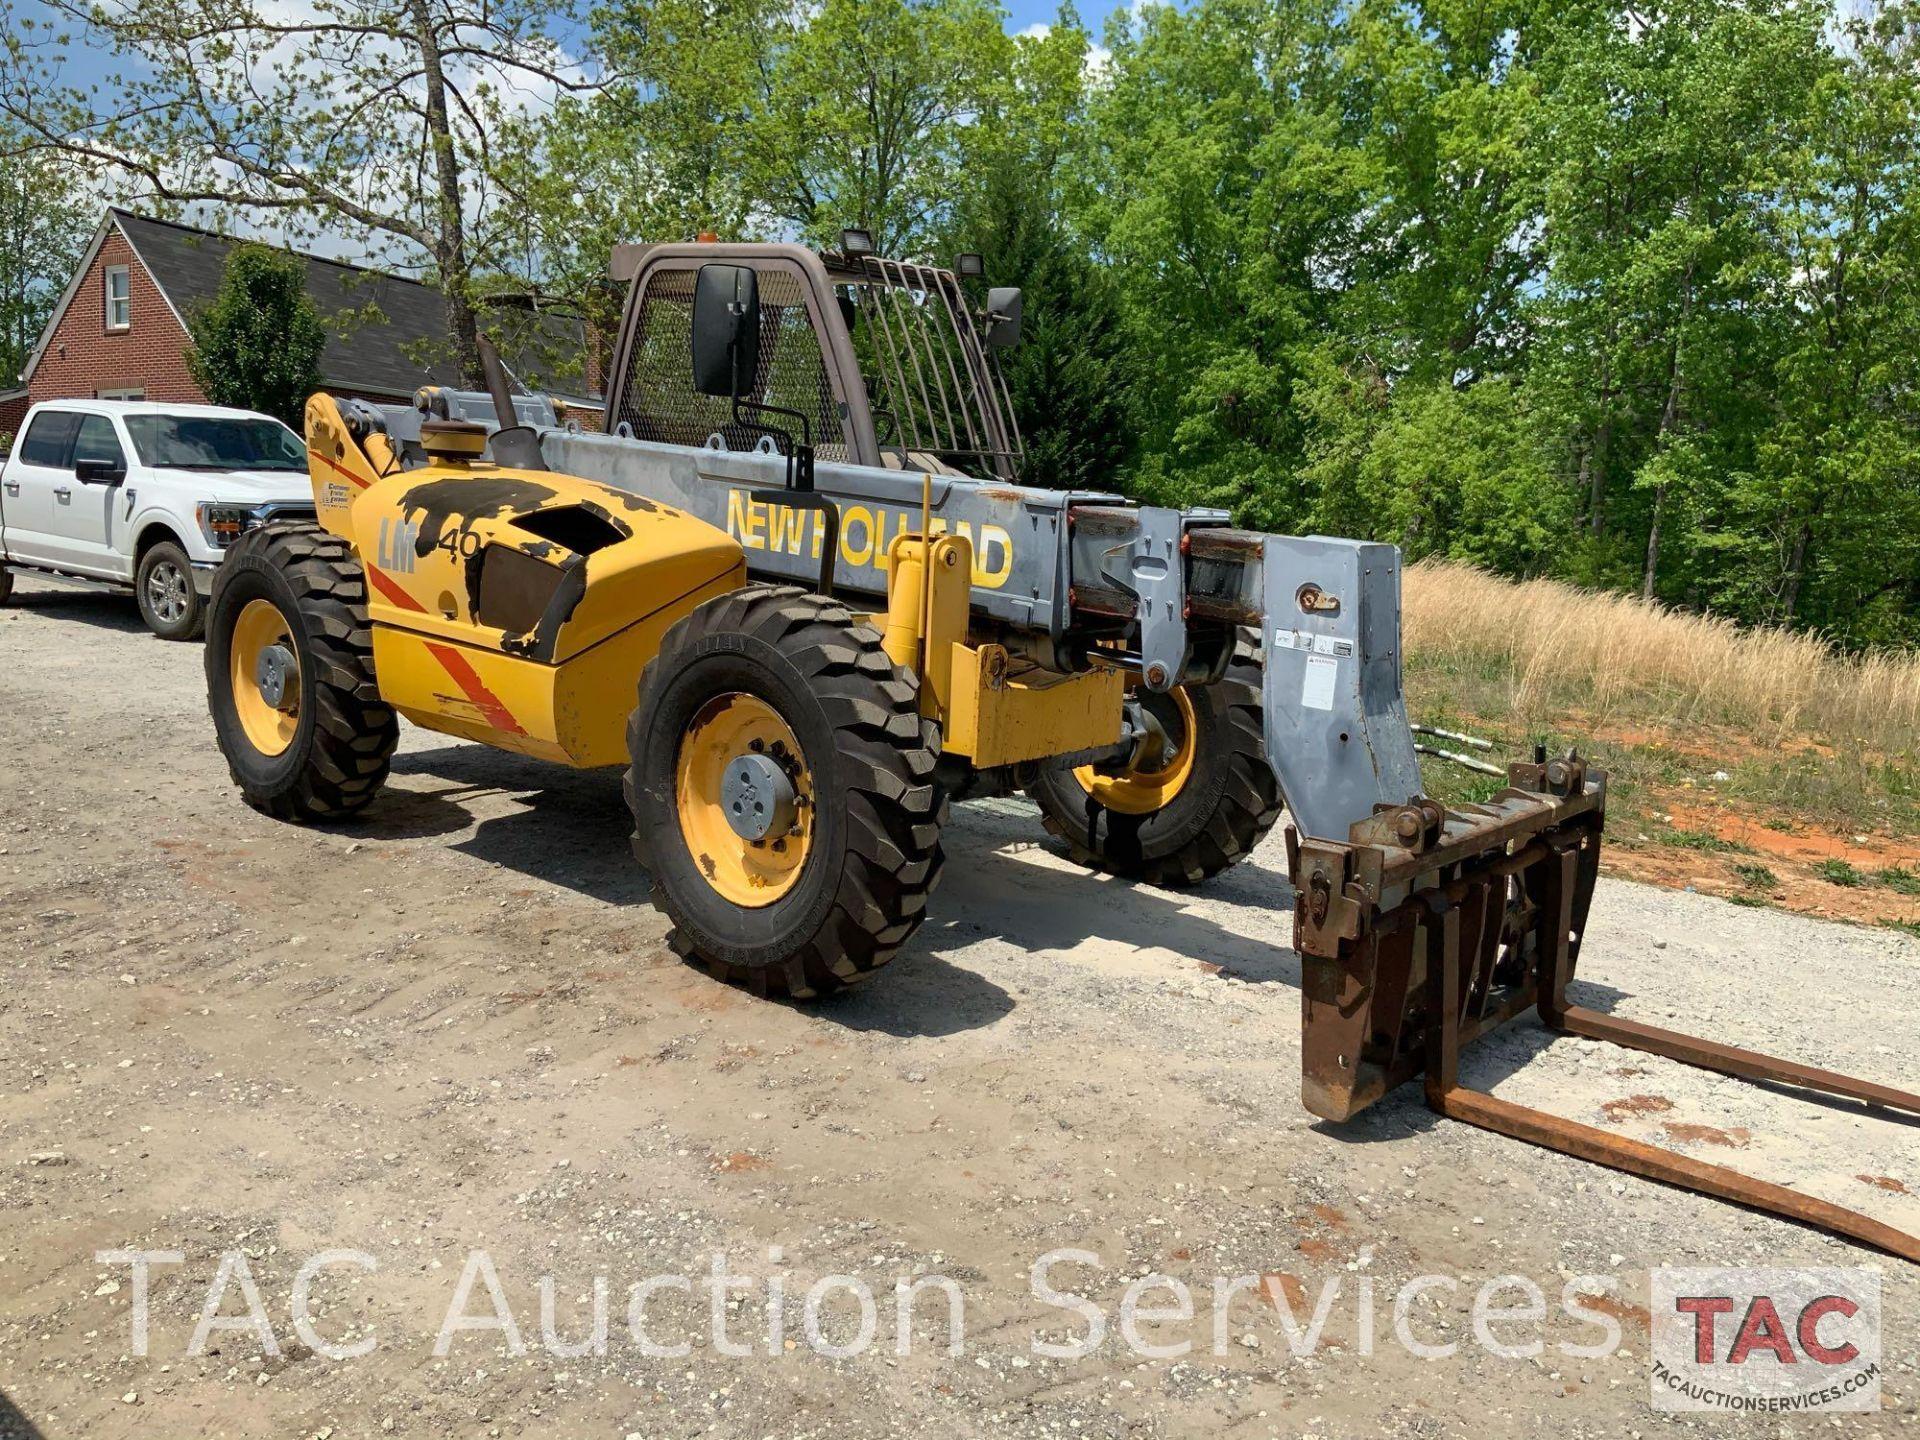 1999 New Holland LM840 Telehandler Forklift - Image 5 of 25